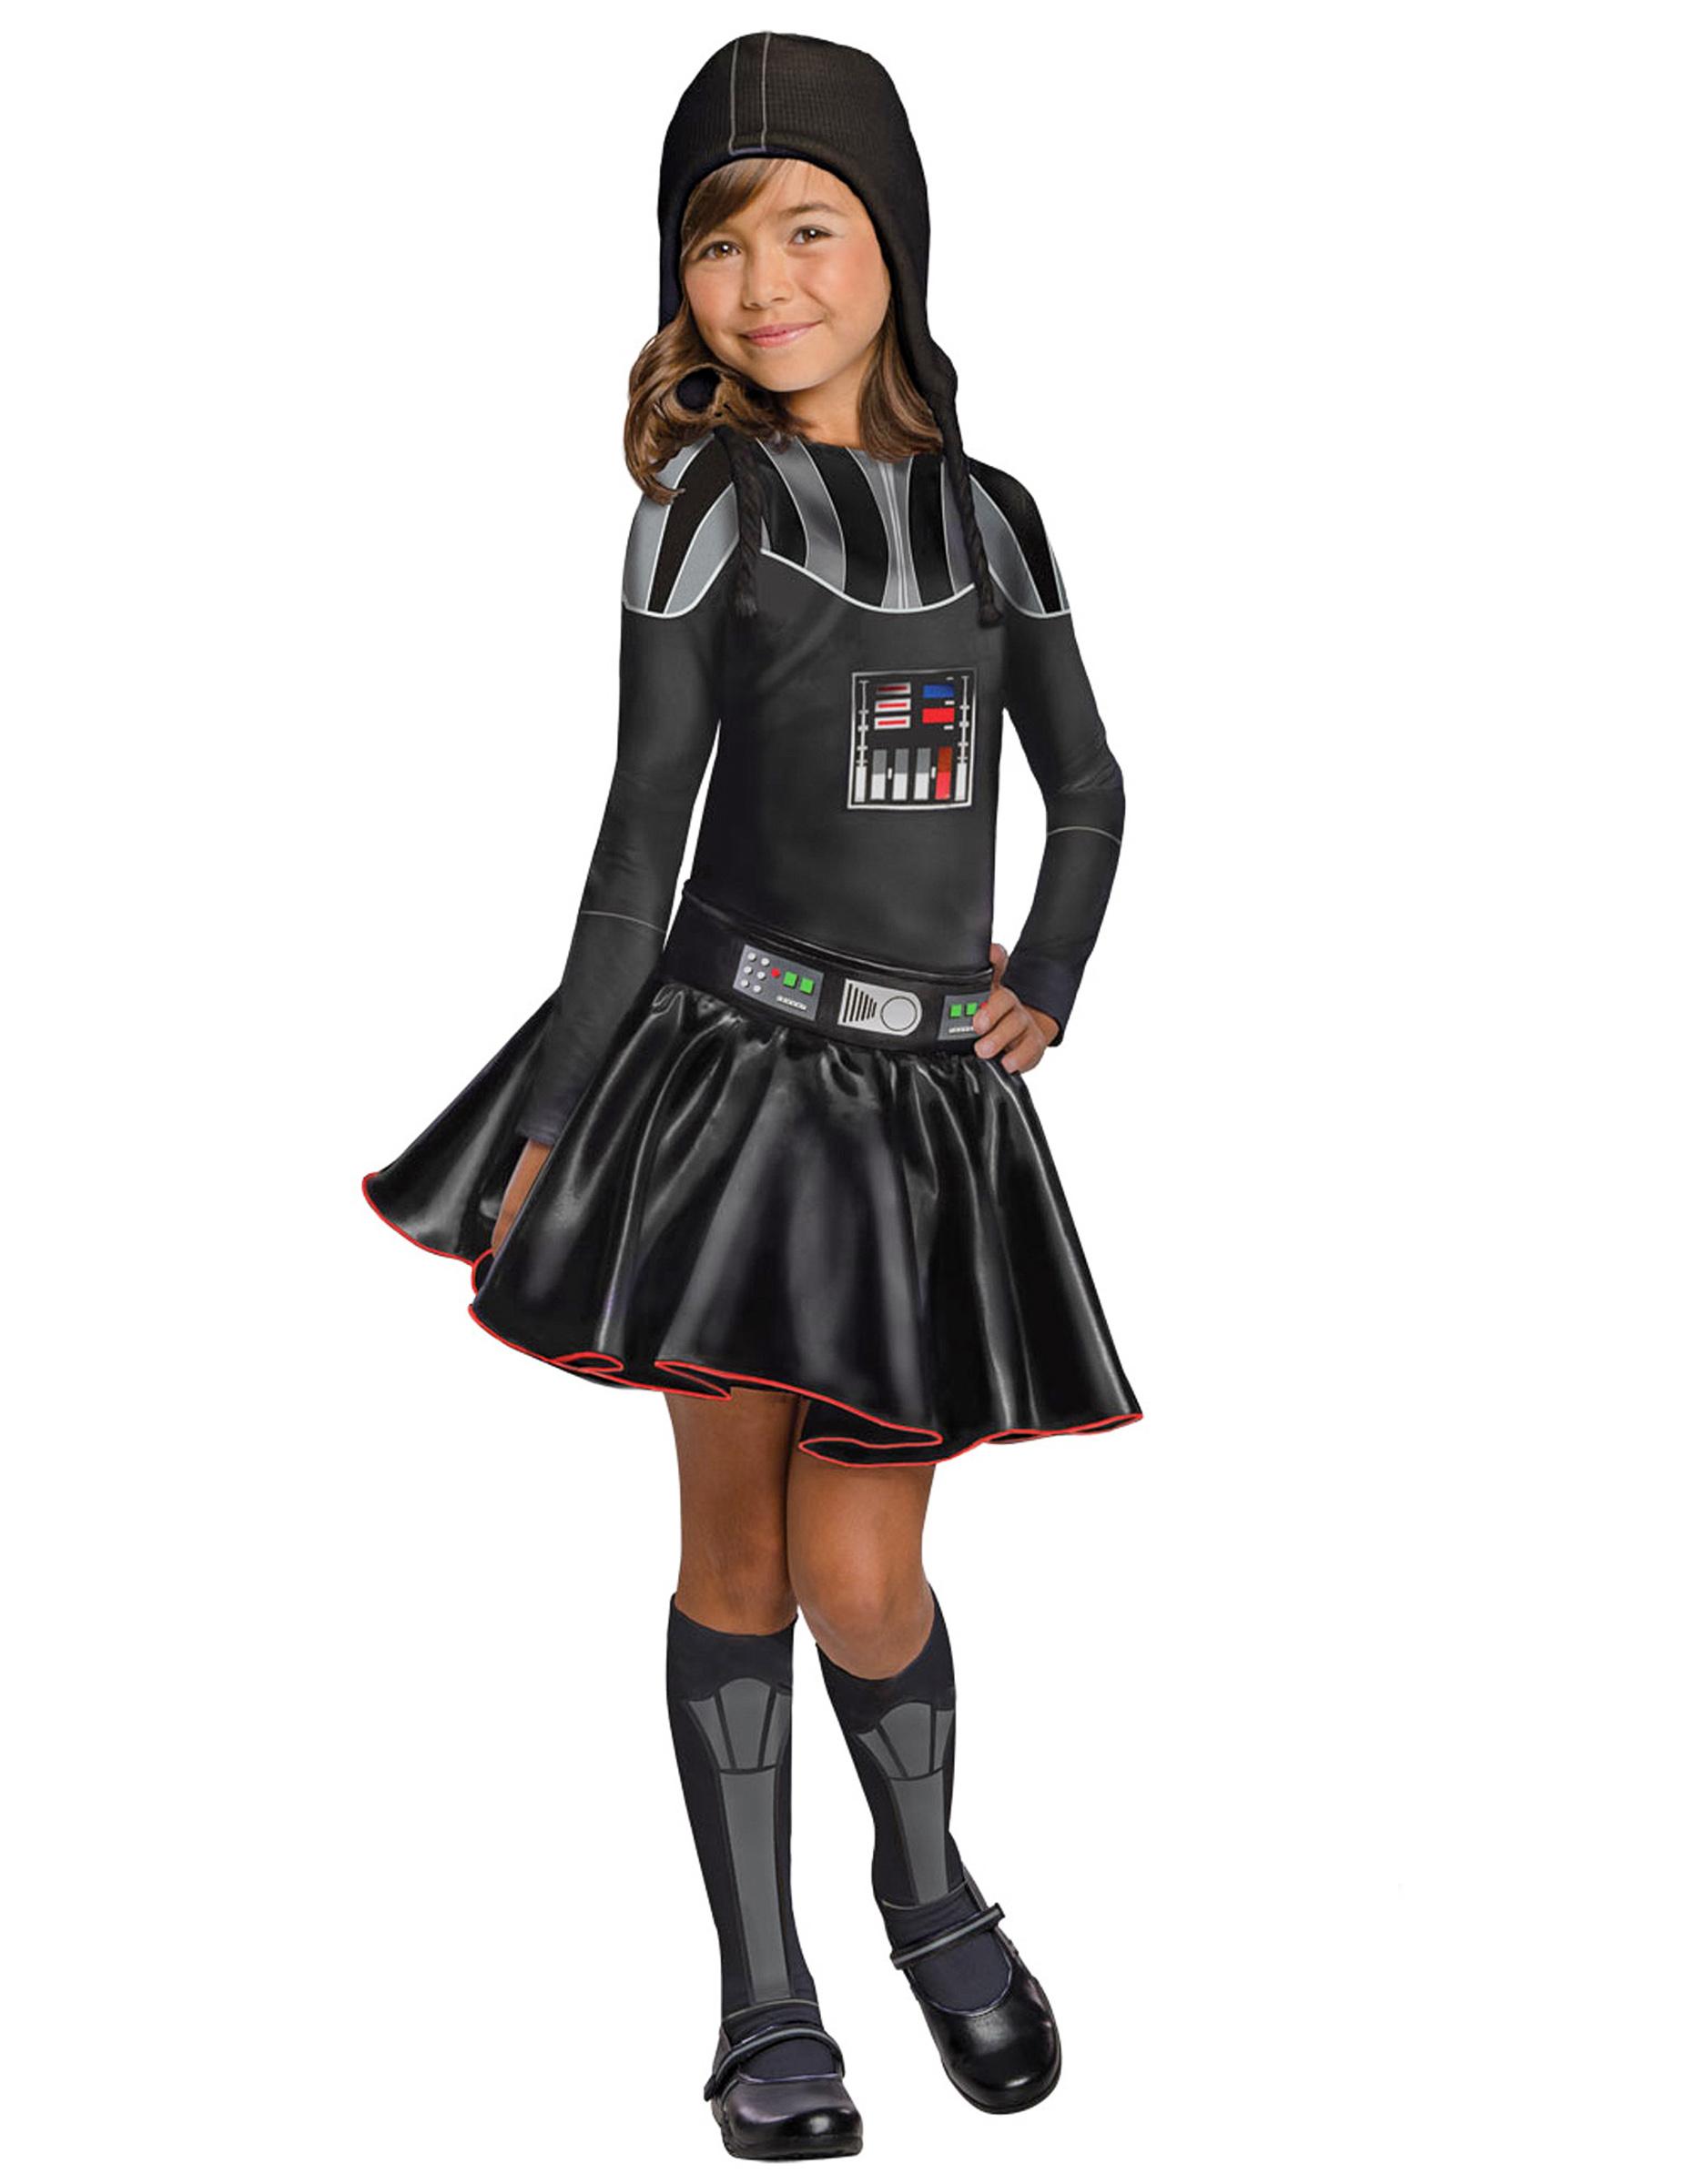 Darth Vader Star Wars Kostüm Für Kinder Halloween Schwarz